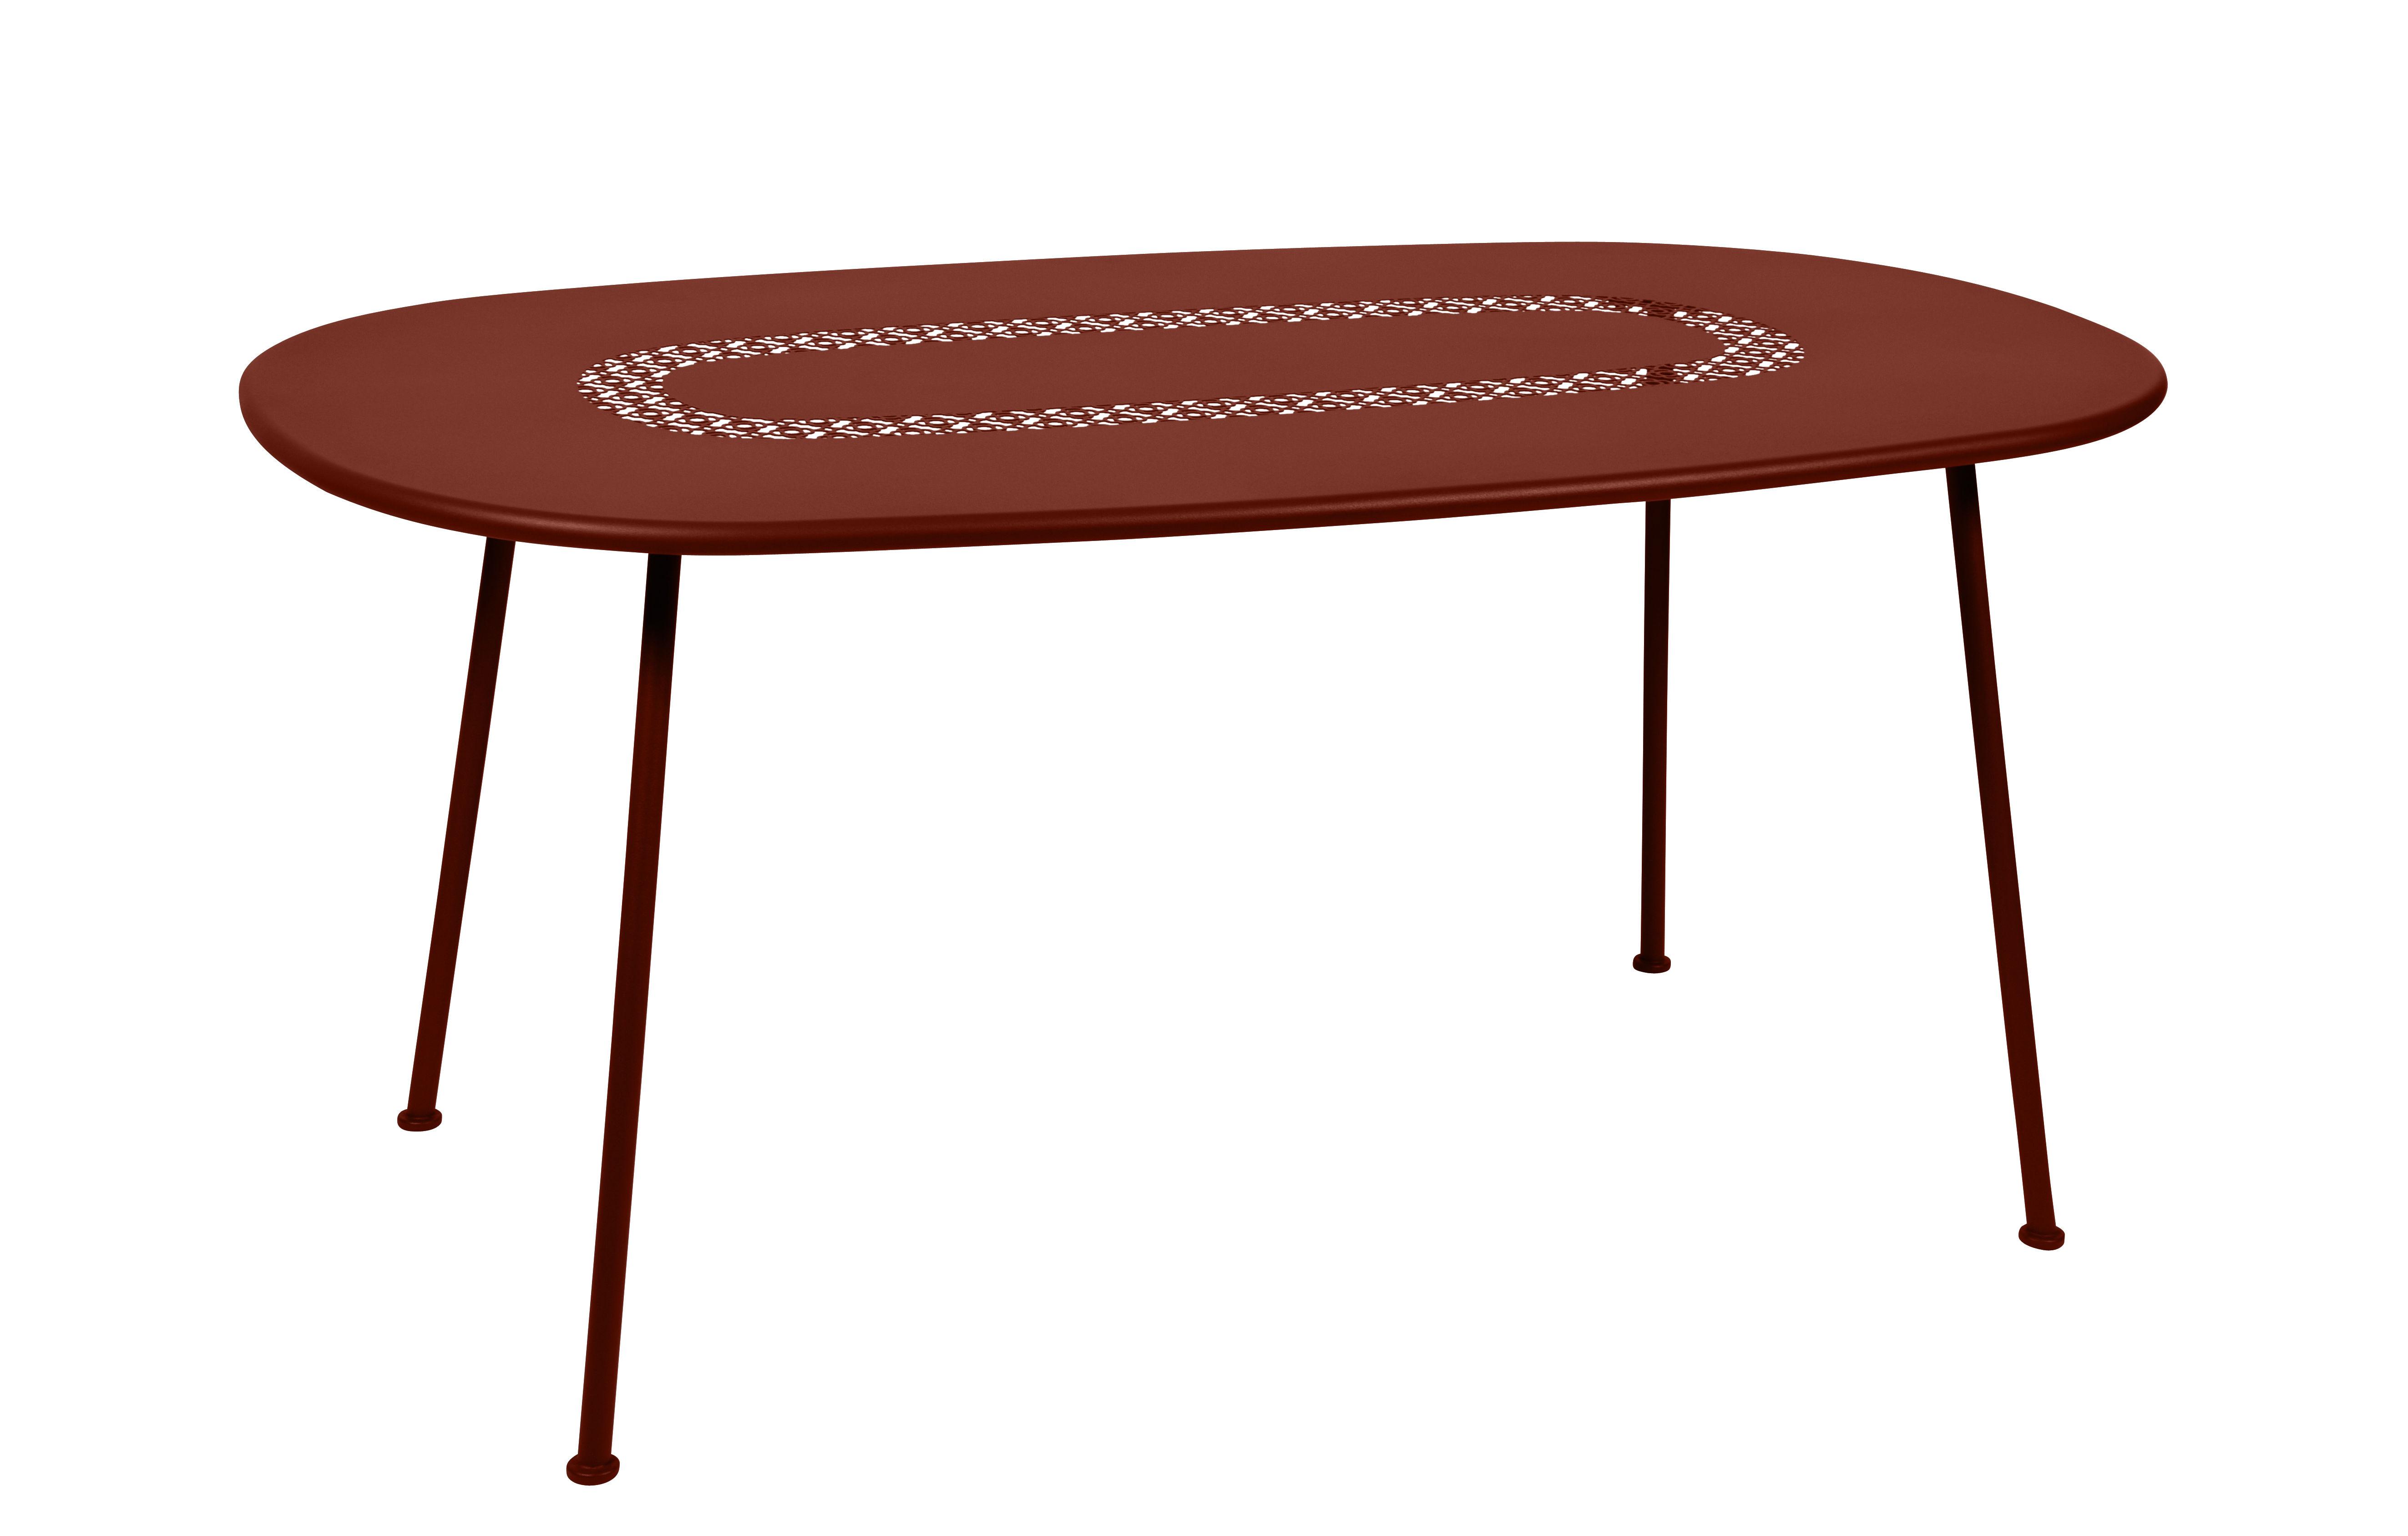 Jardin - Tables de jardin - Table ovale Lorette / 160 x 90 cm - Métal perforé - Fermob - Ocre rouge - Acier laqué